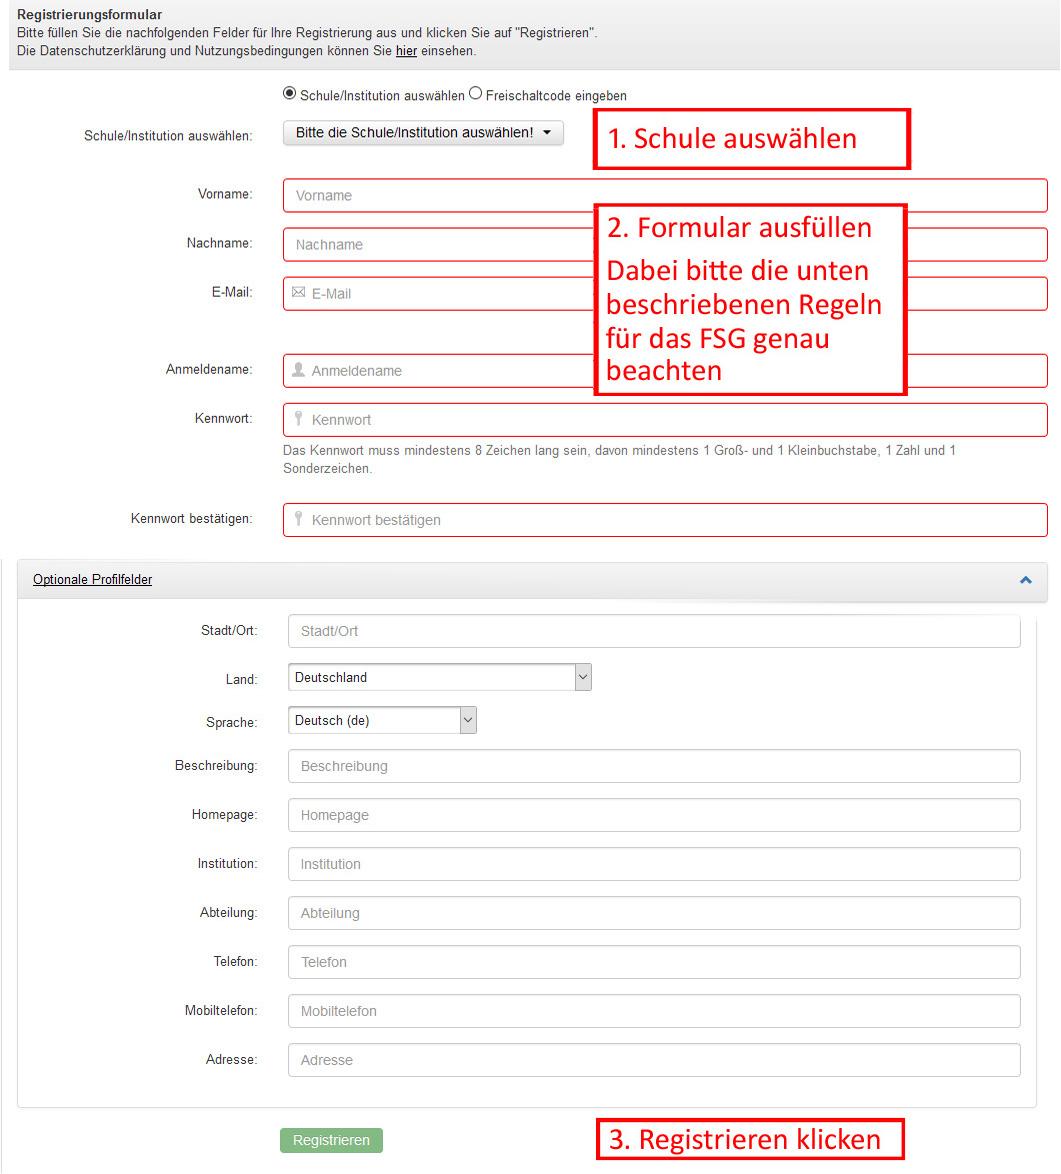 moodle-registrierung-formular